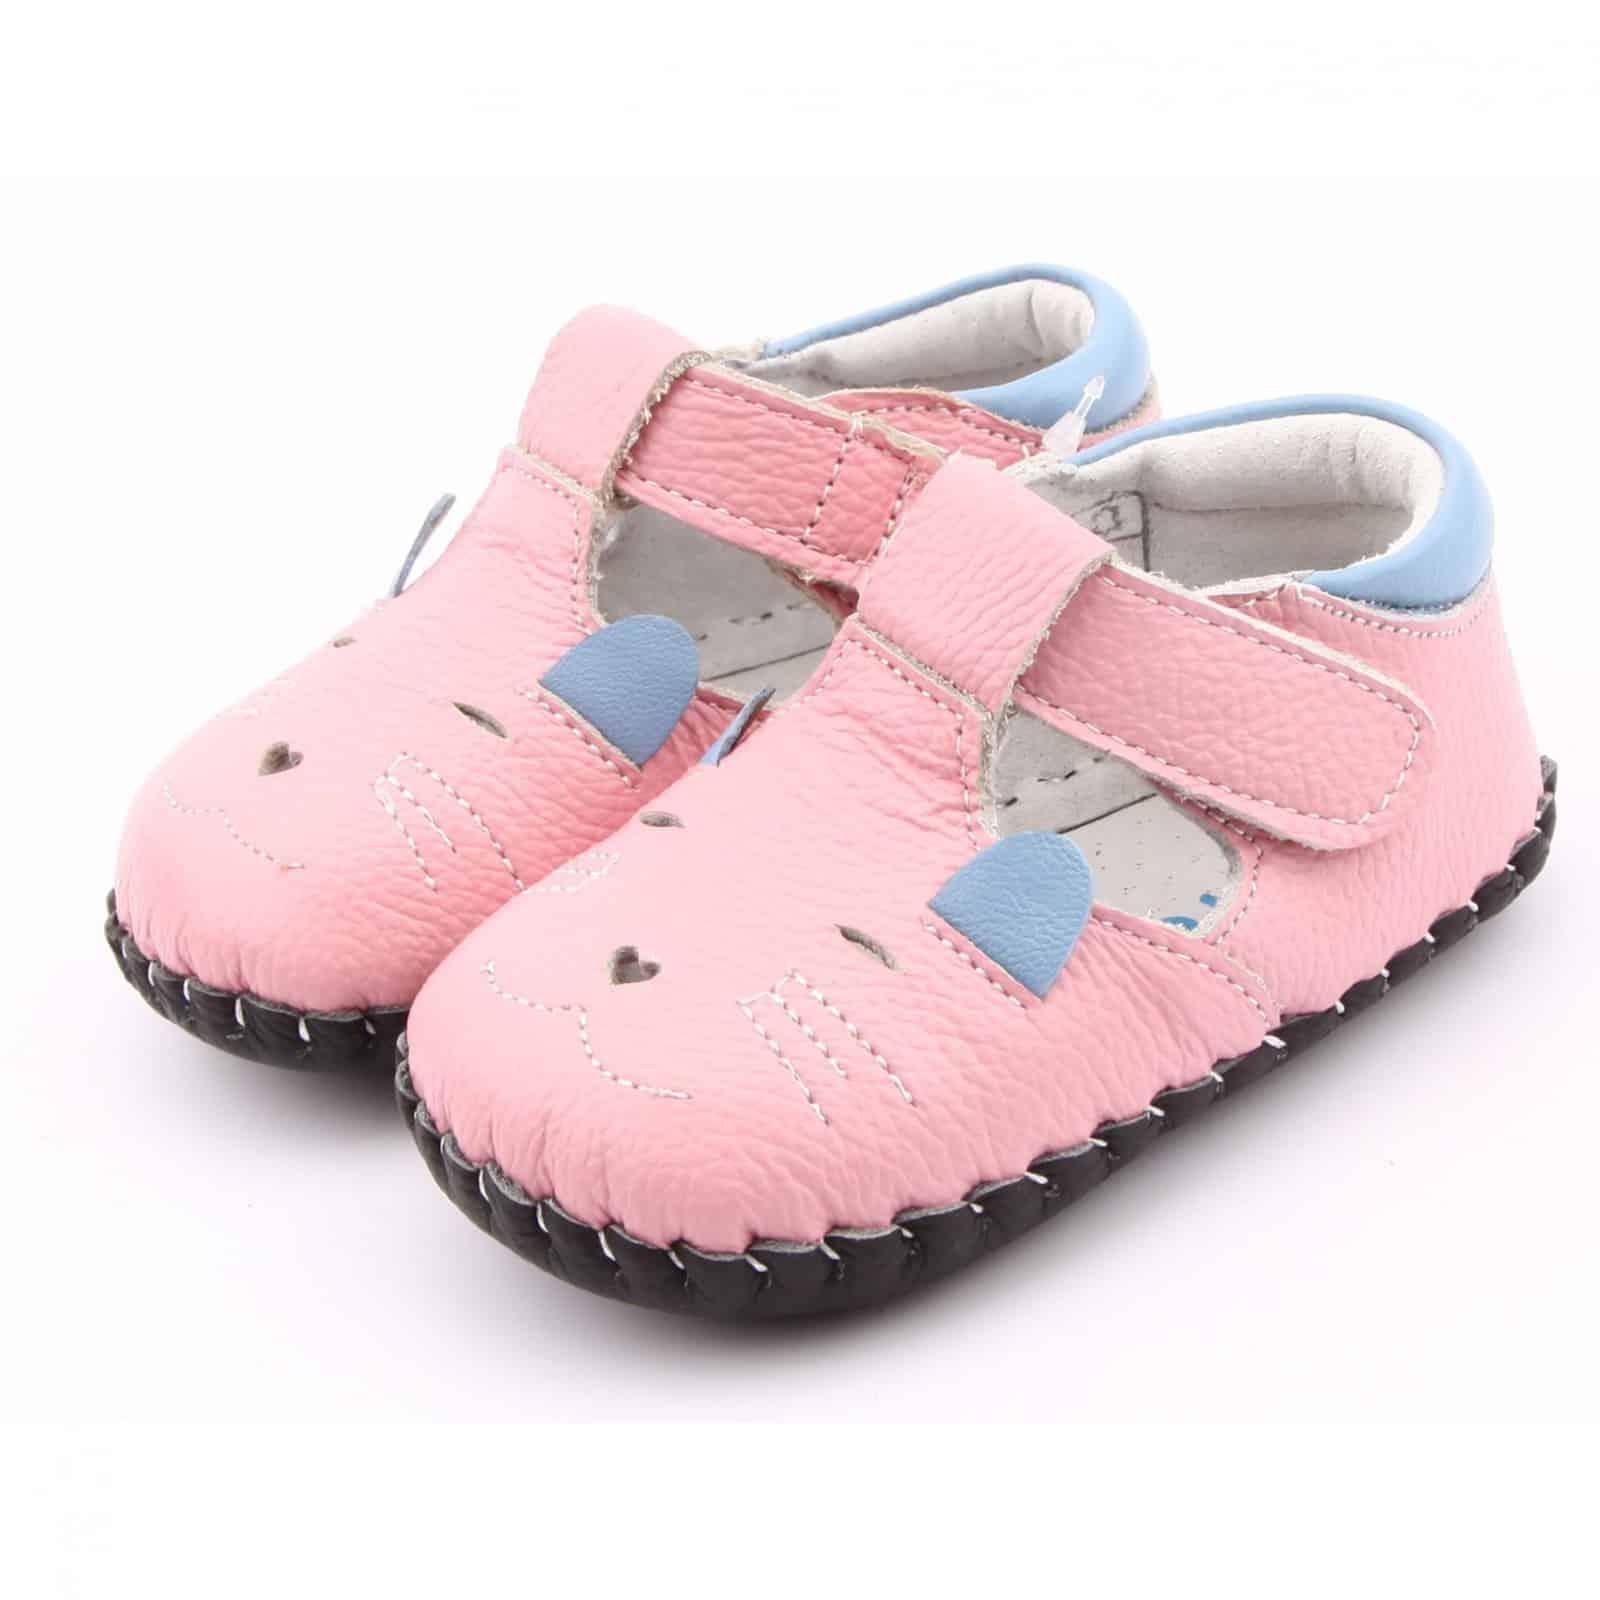 c774b265baa0a Chaussures premiers pas cuir souple Babies PETITE SOURIS